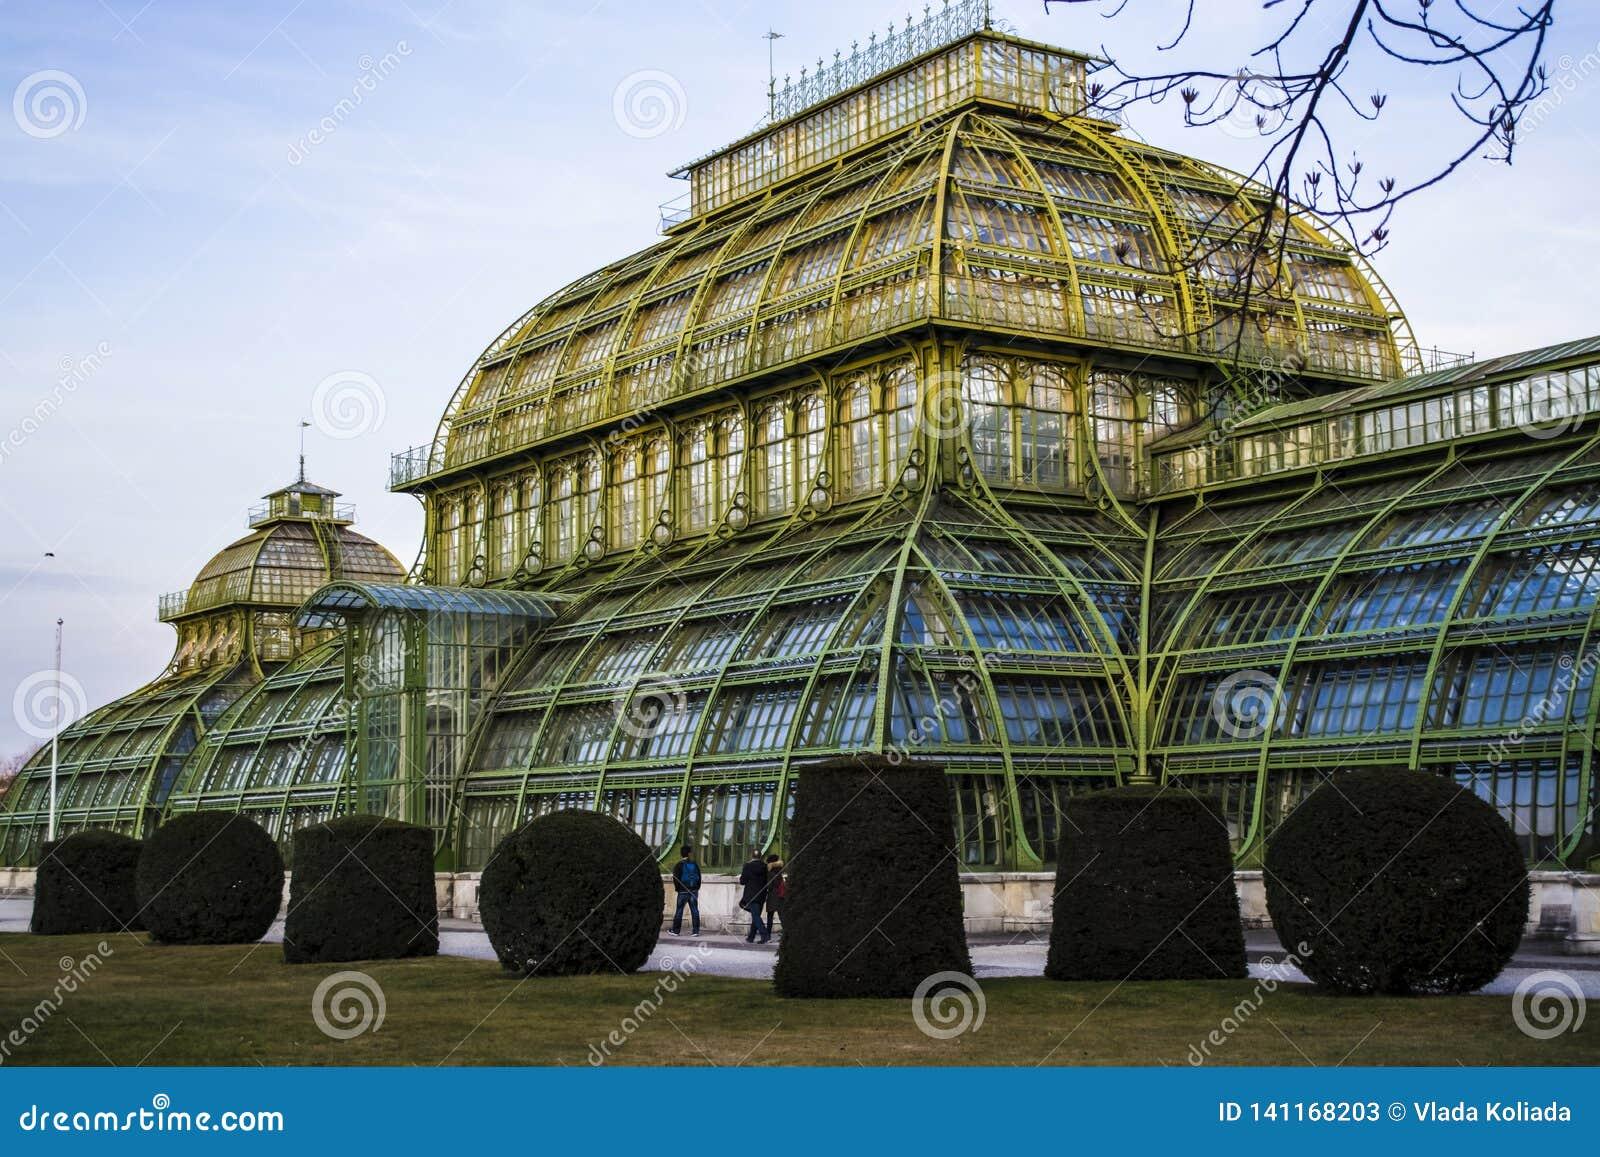 Austria Vienna Marzec 1, 2019 Budynek szklarnia ziele i kwiaty Szklany budynek z metal zieleni wszywkami